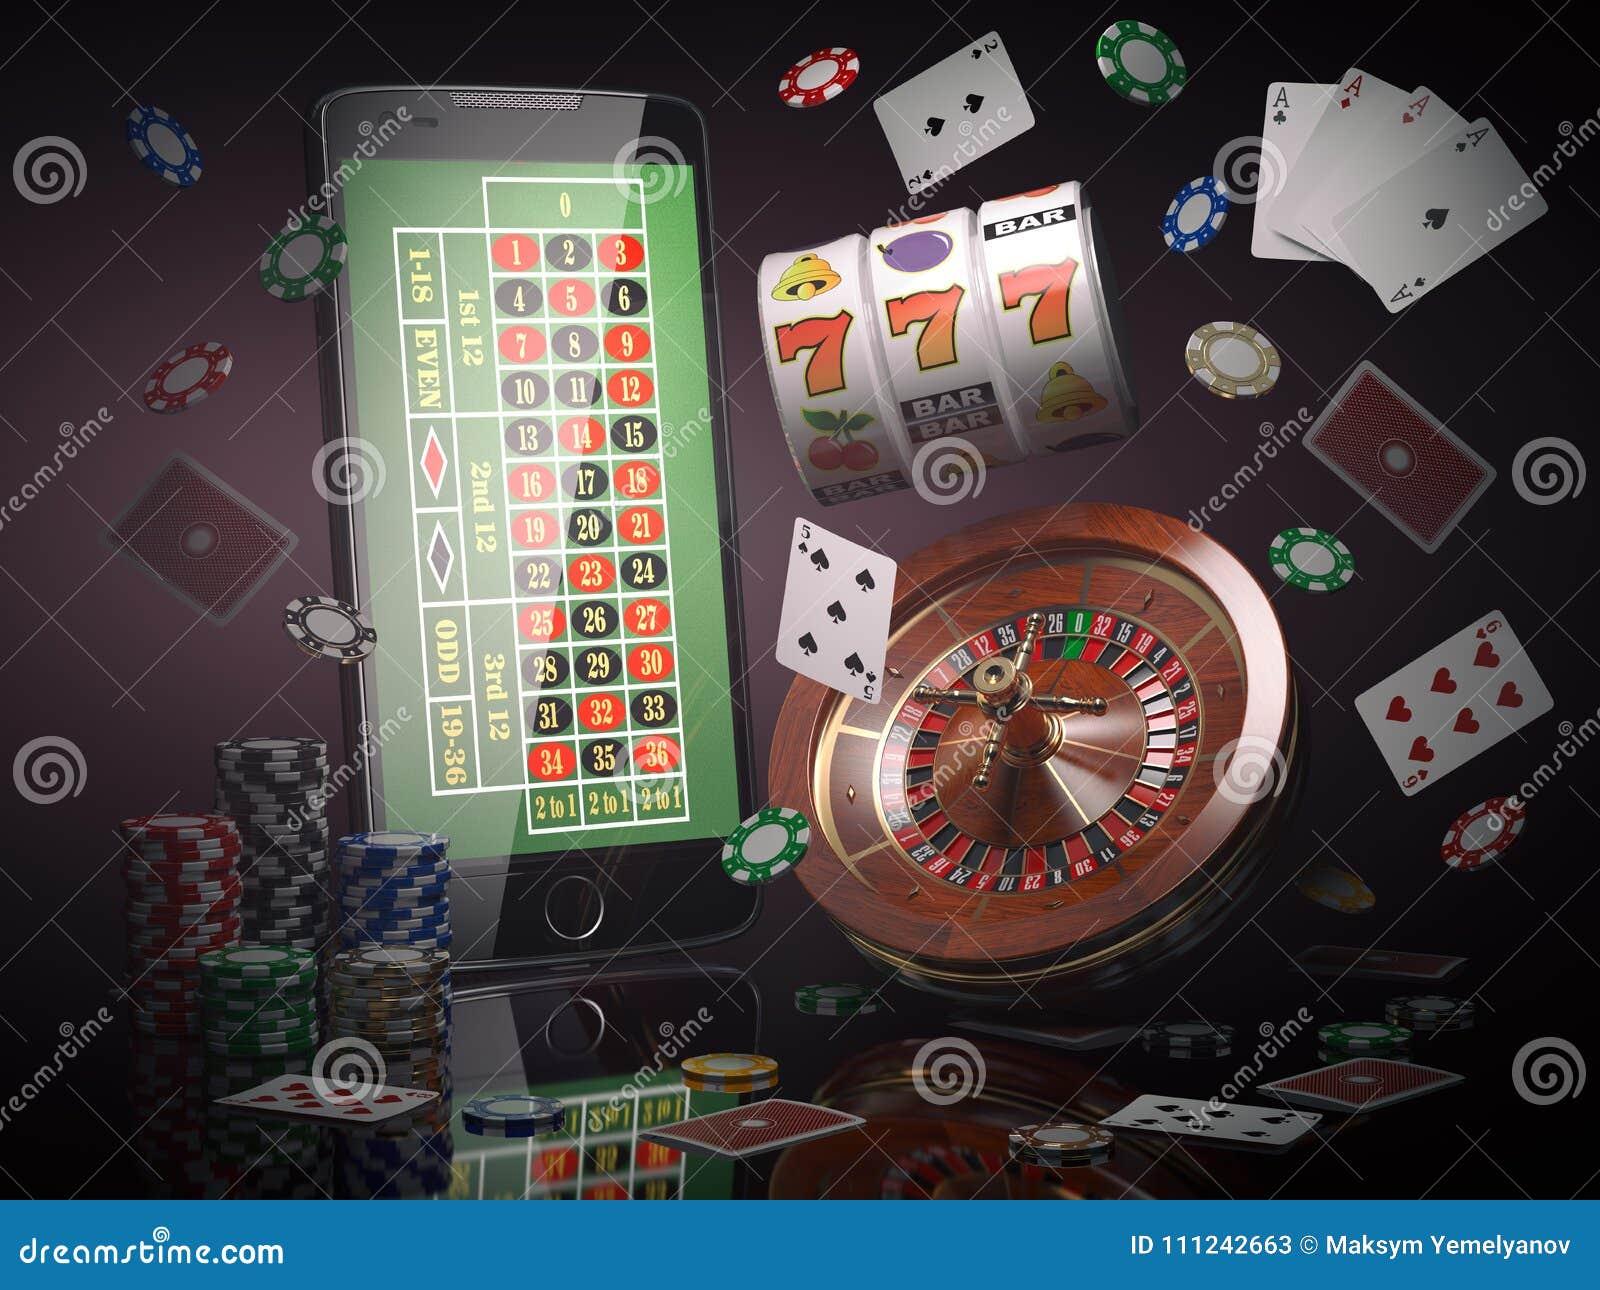 Азарт плей бездепозитный бонус